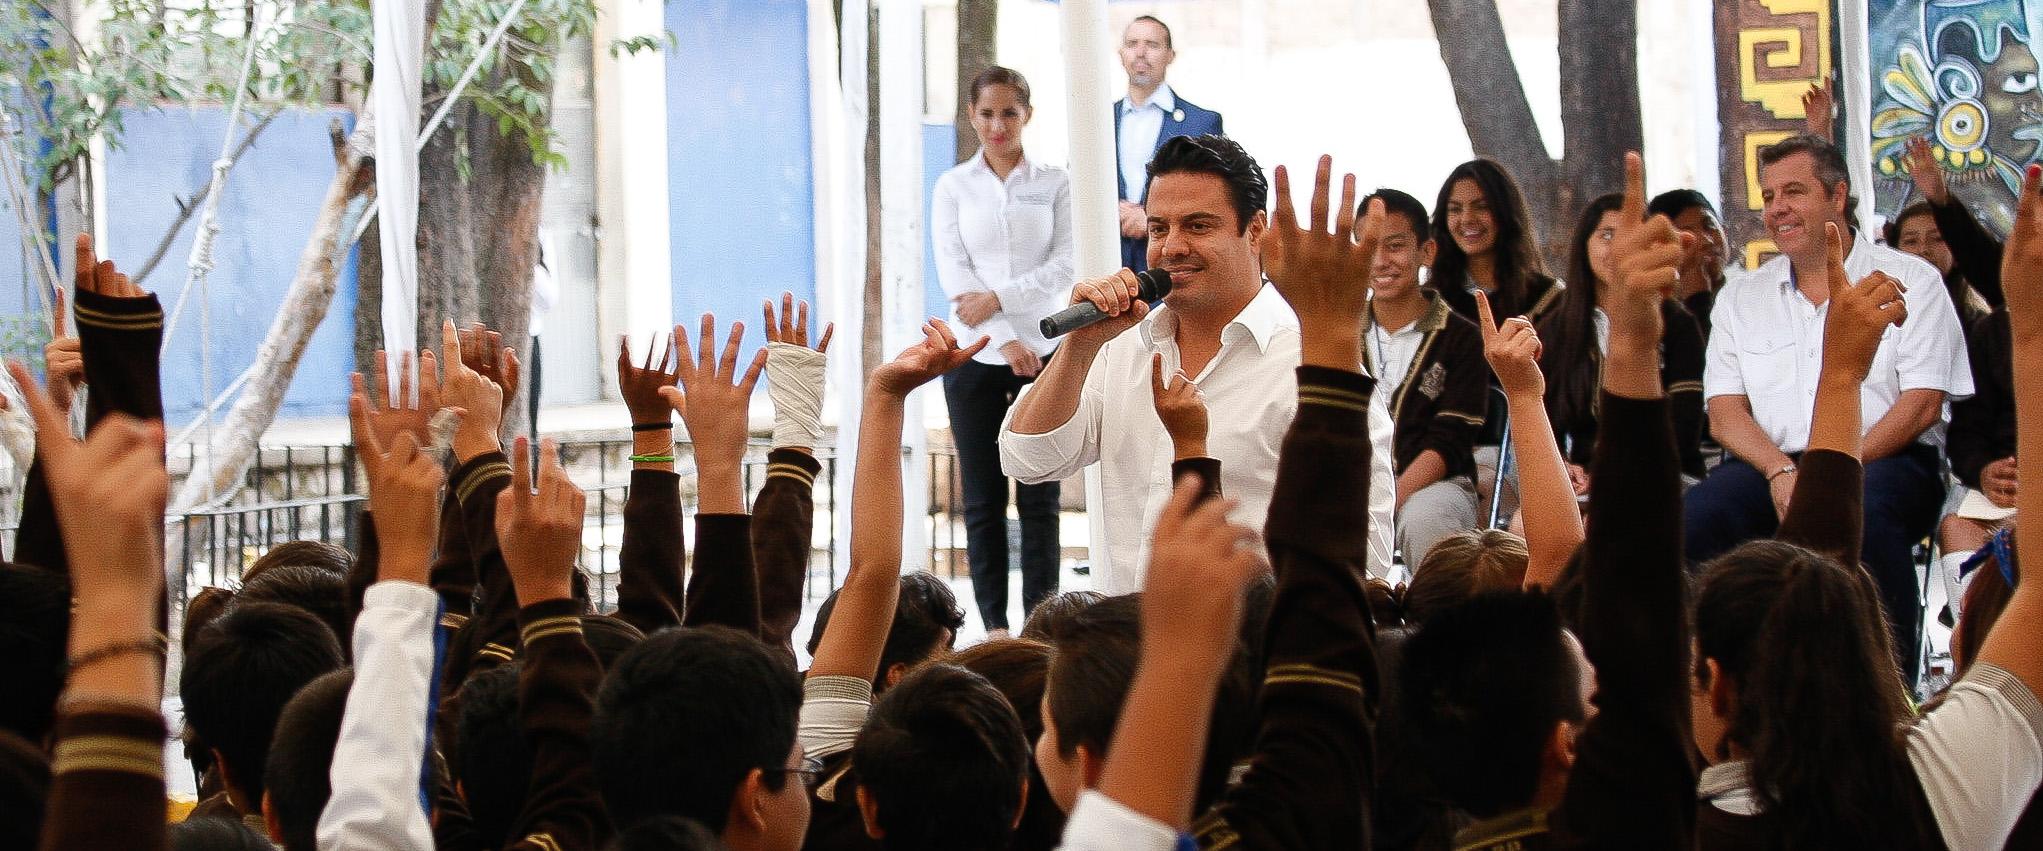 El mandatario estatal informó que para Tlaquepaque, el Programa Escuelas de Calidad consta de una bolsa tripartita de más de ocho millones de pesos para 68 escuelas de secundaria.